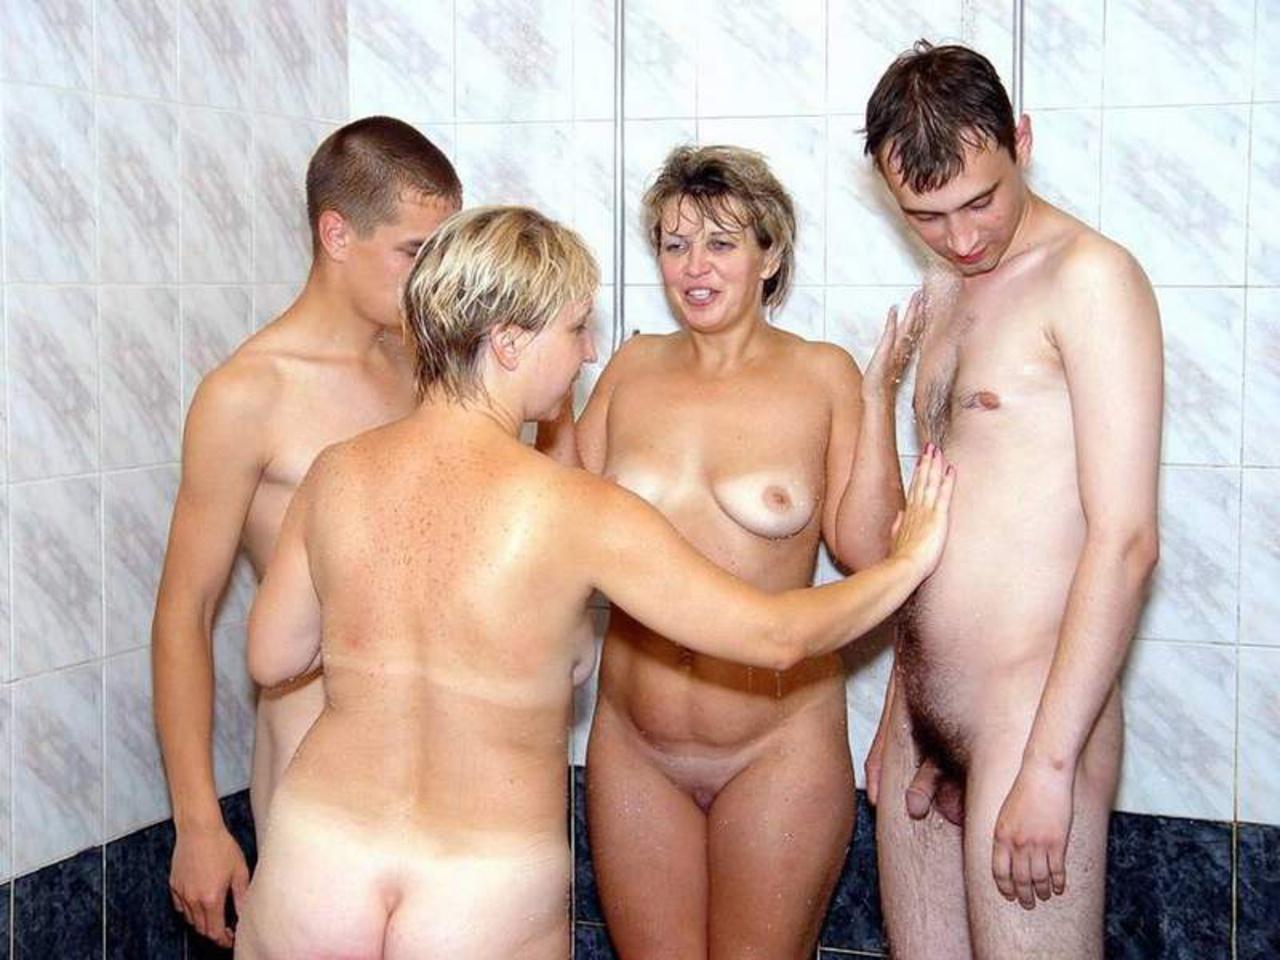 фото молодых голых парней и пожилых дам